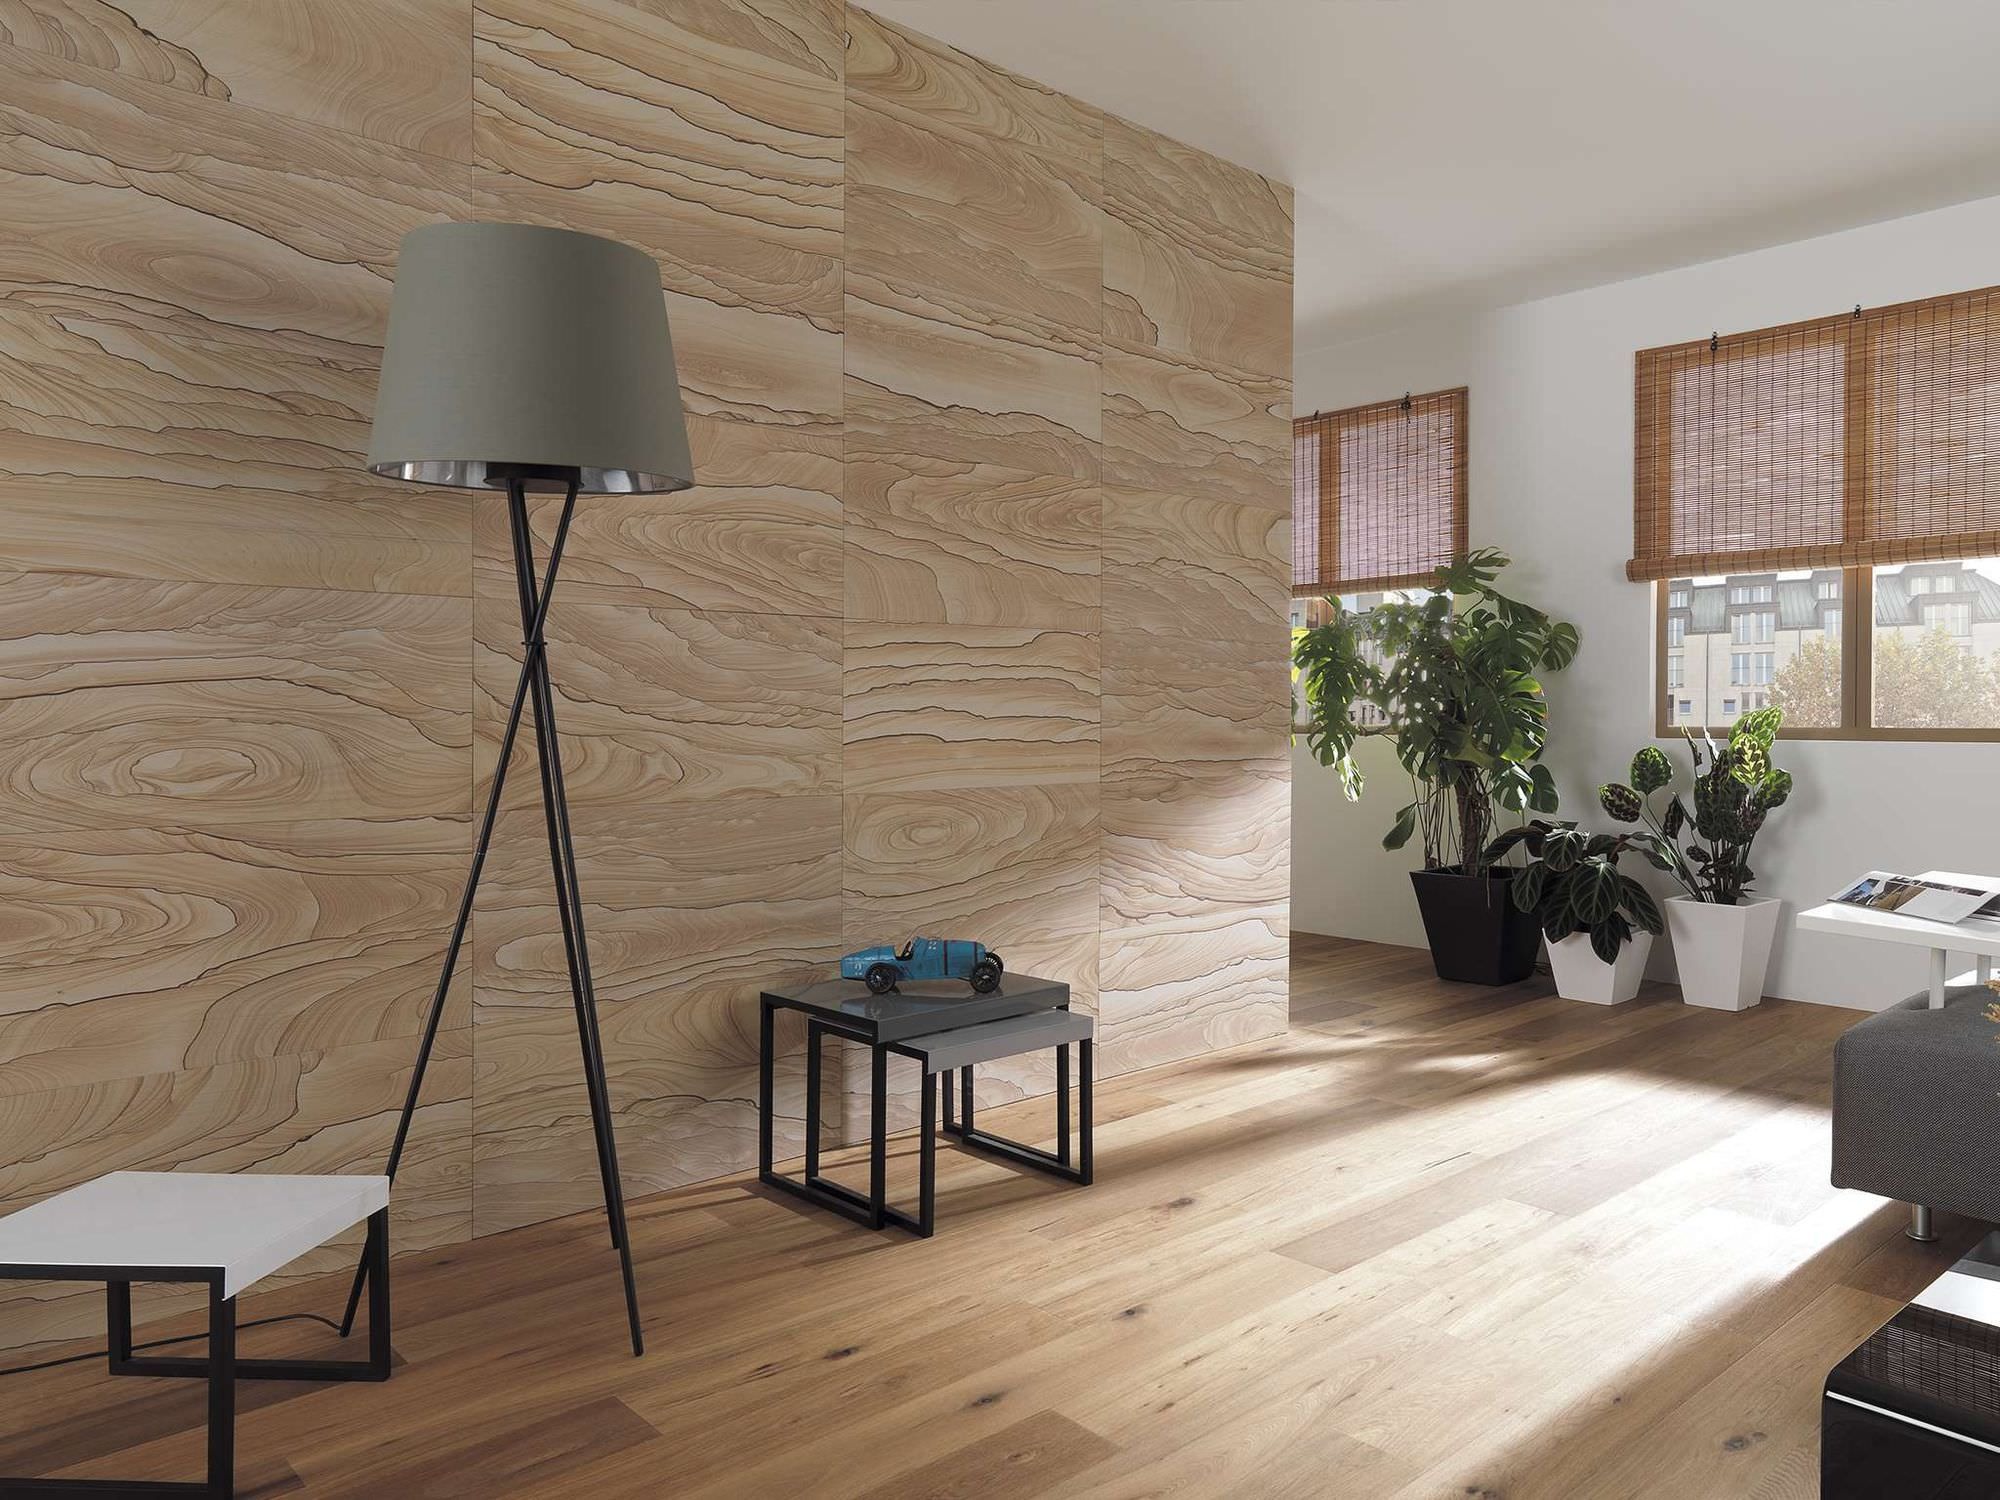 Indoor tile for bathrooms wall mounted sandstone - Ceramico imitacion madera ...